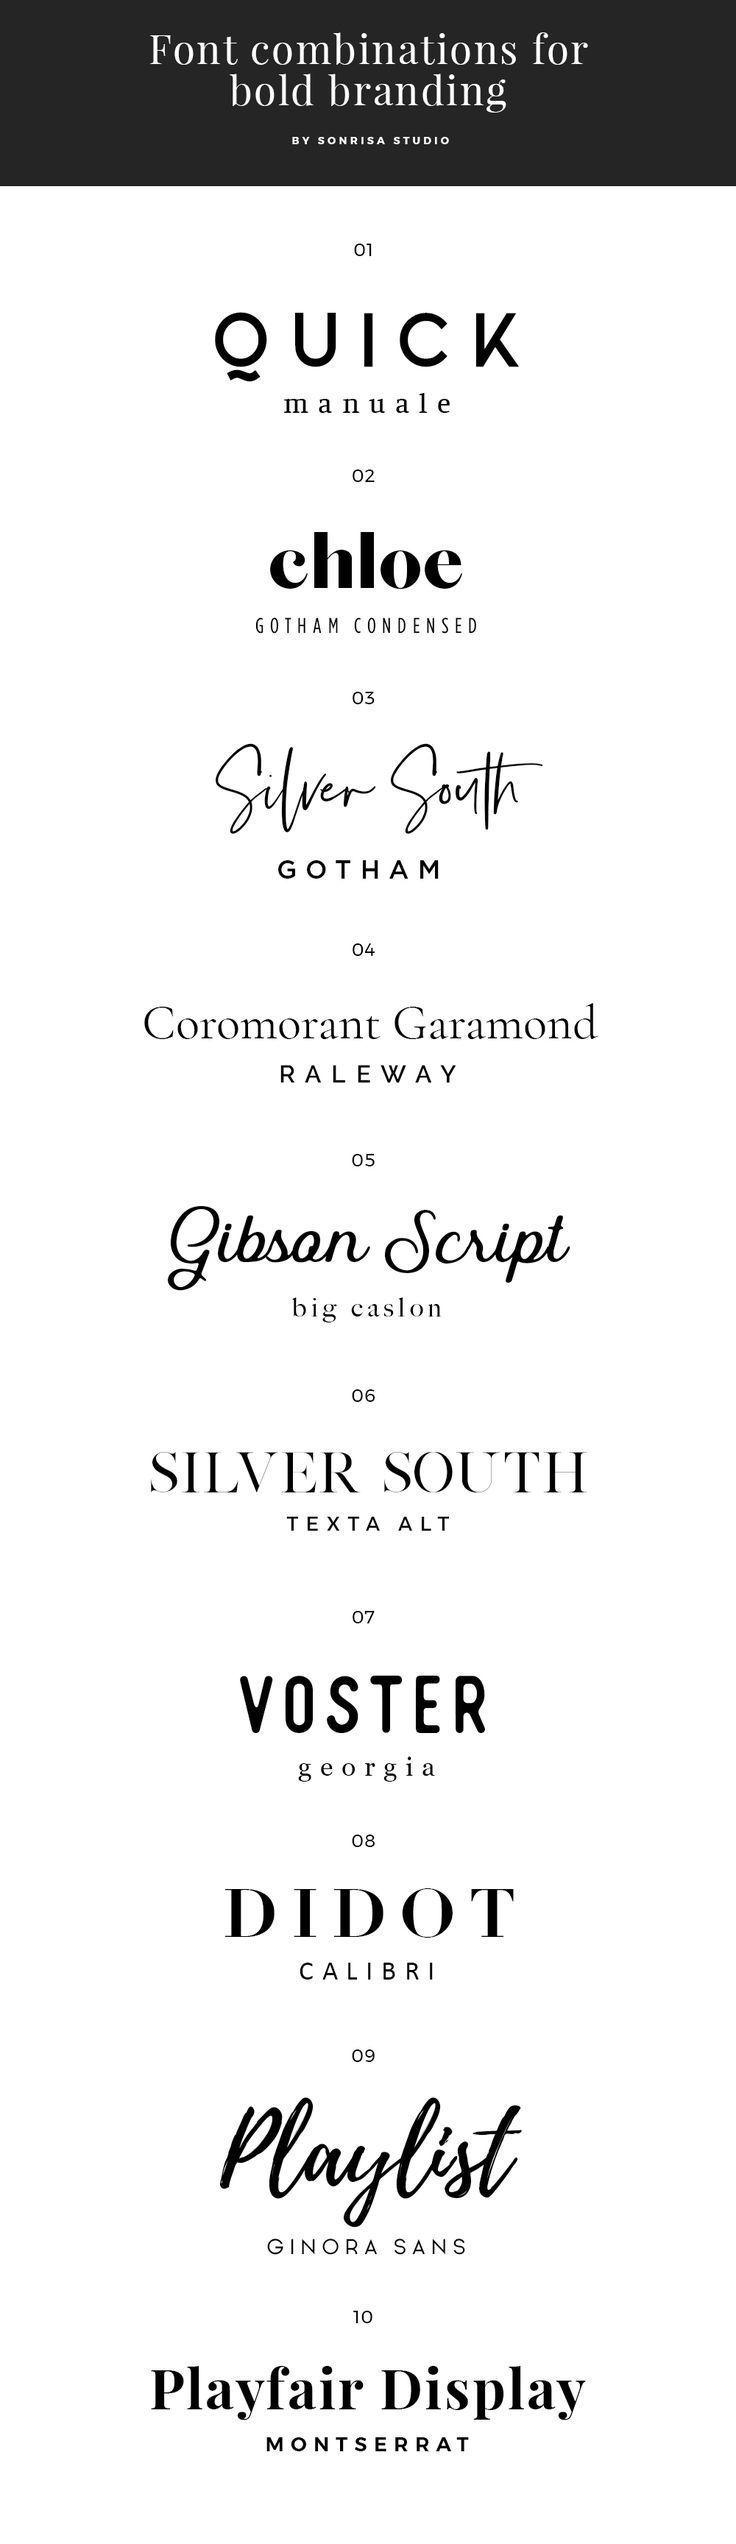 Schriftkombinationen für fettgedrucktes Branding